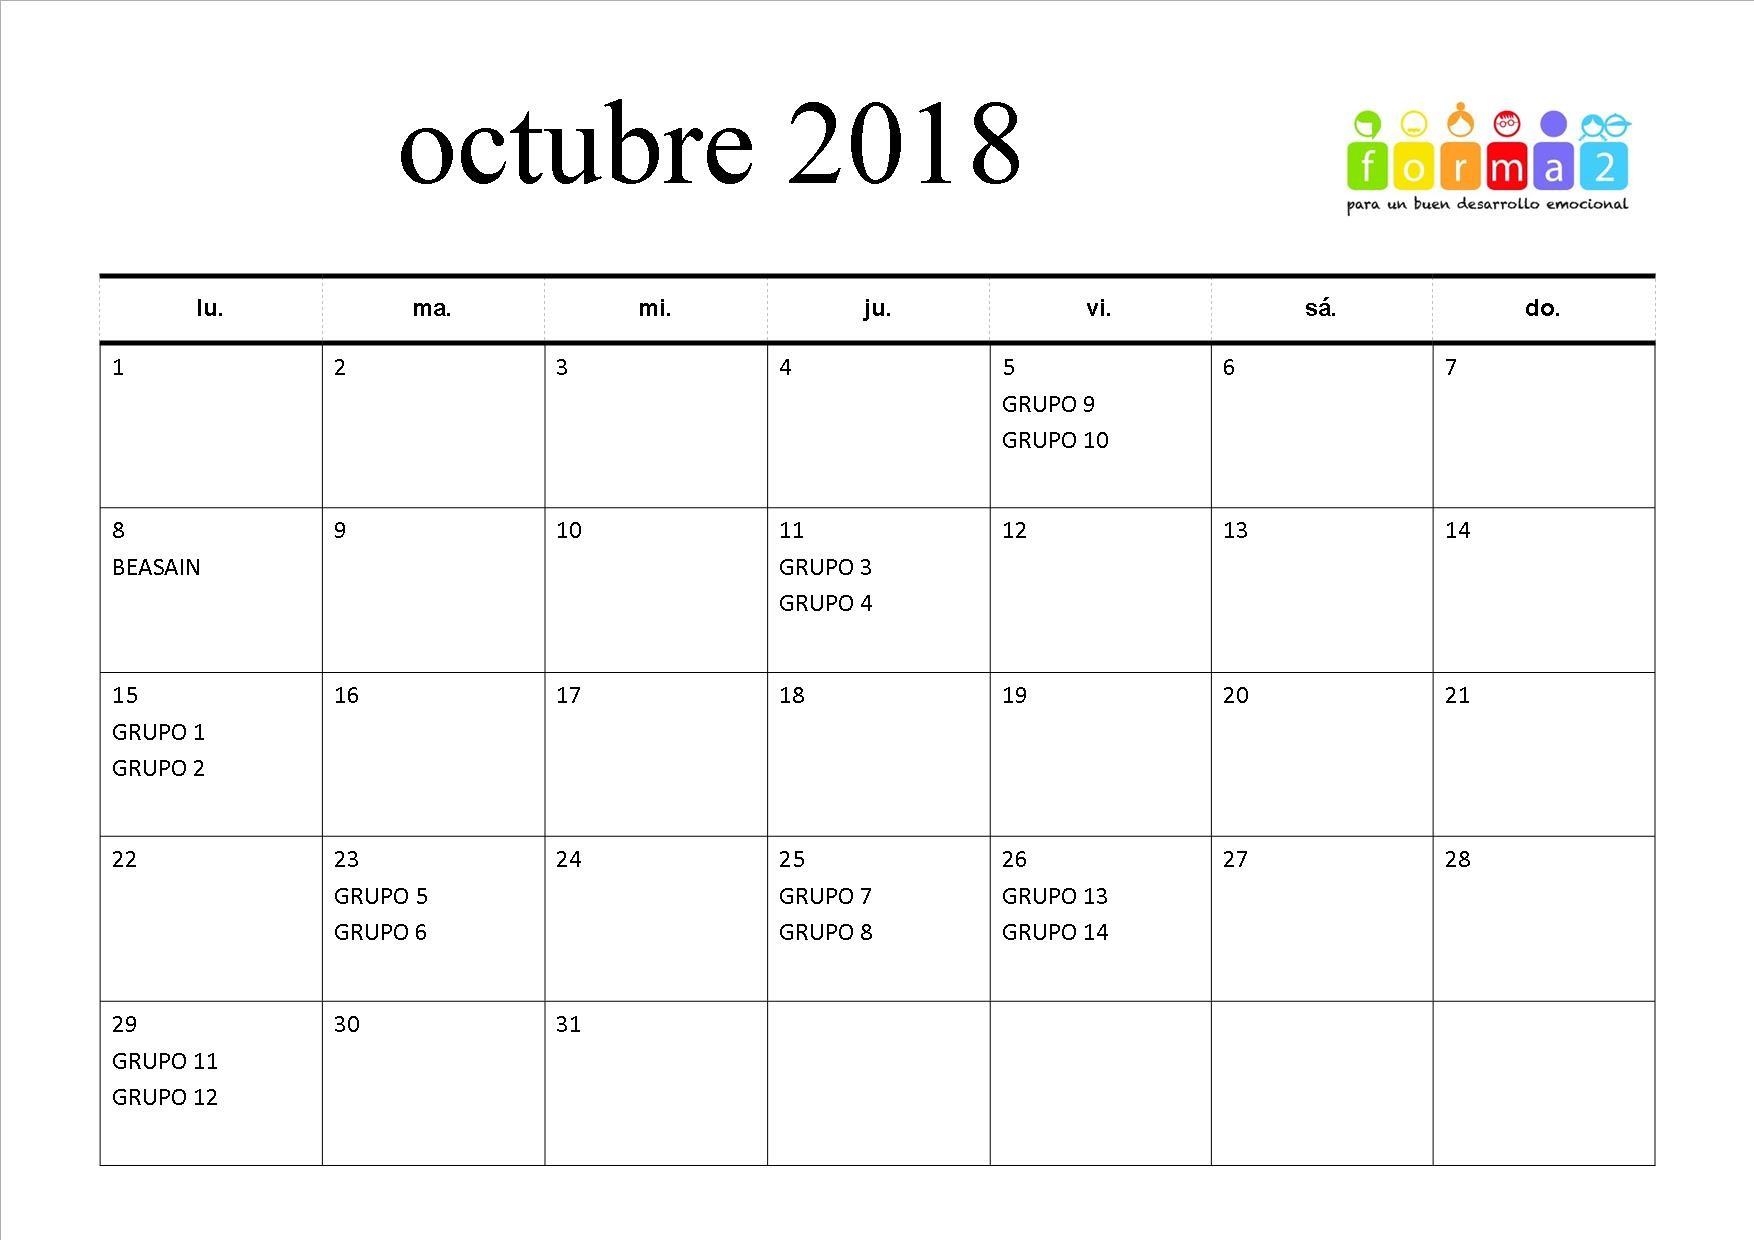 CALENDARIO FECHAS 2018 2019 OCTUBRE